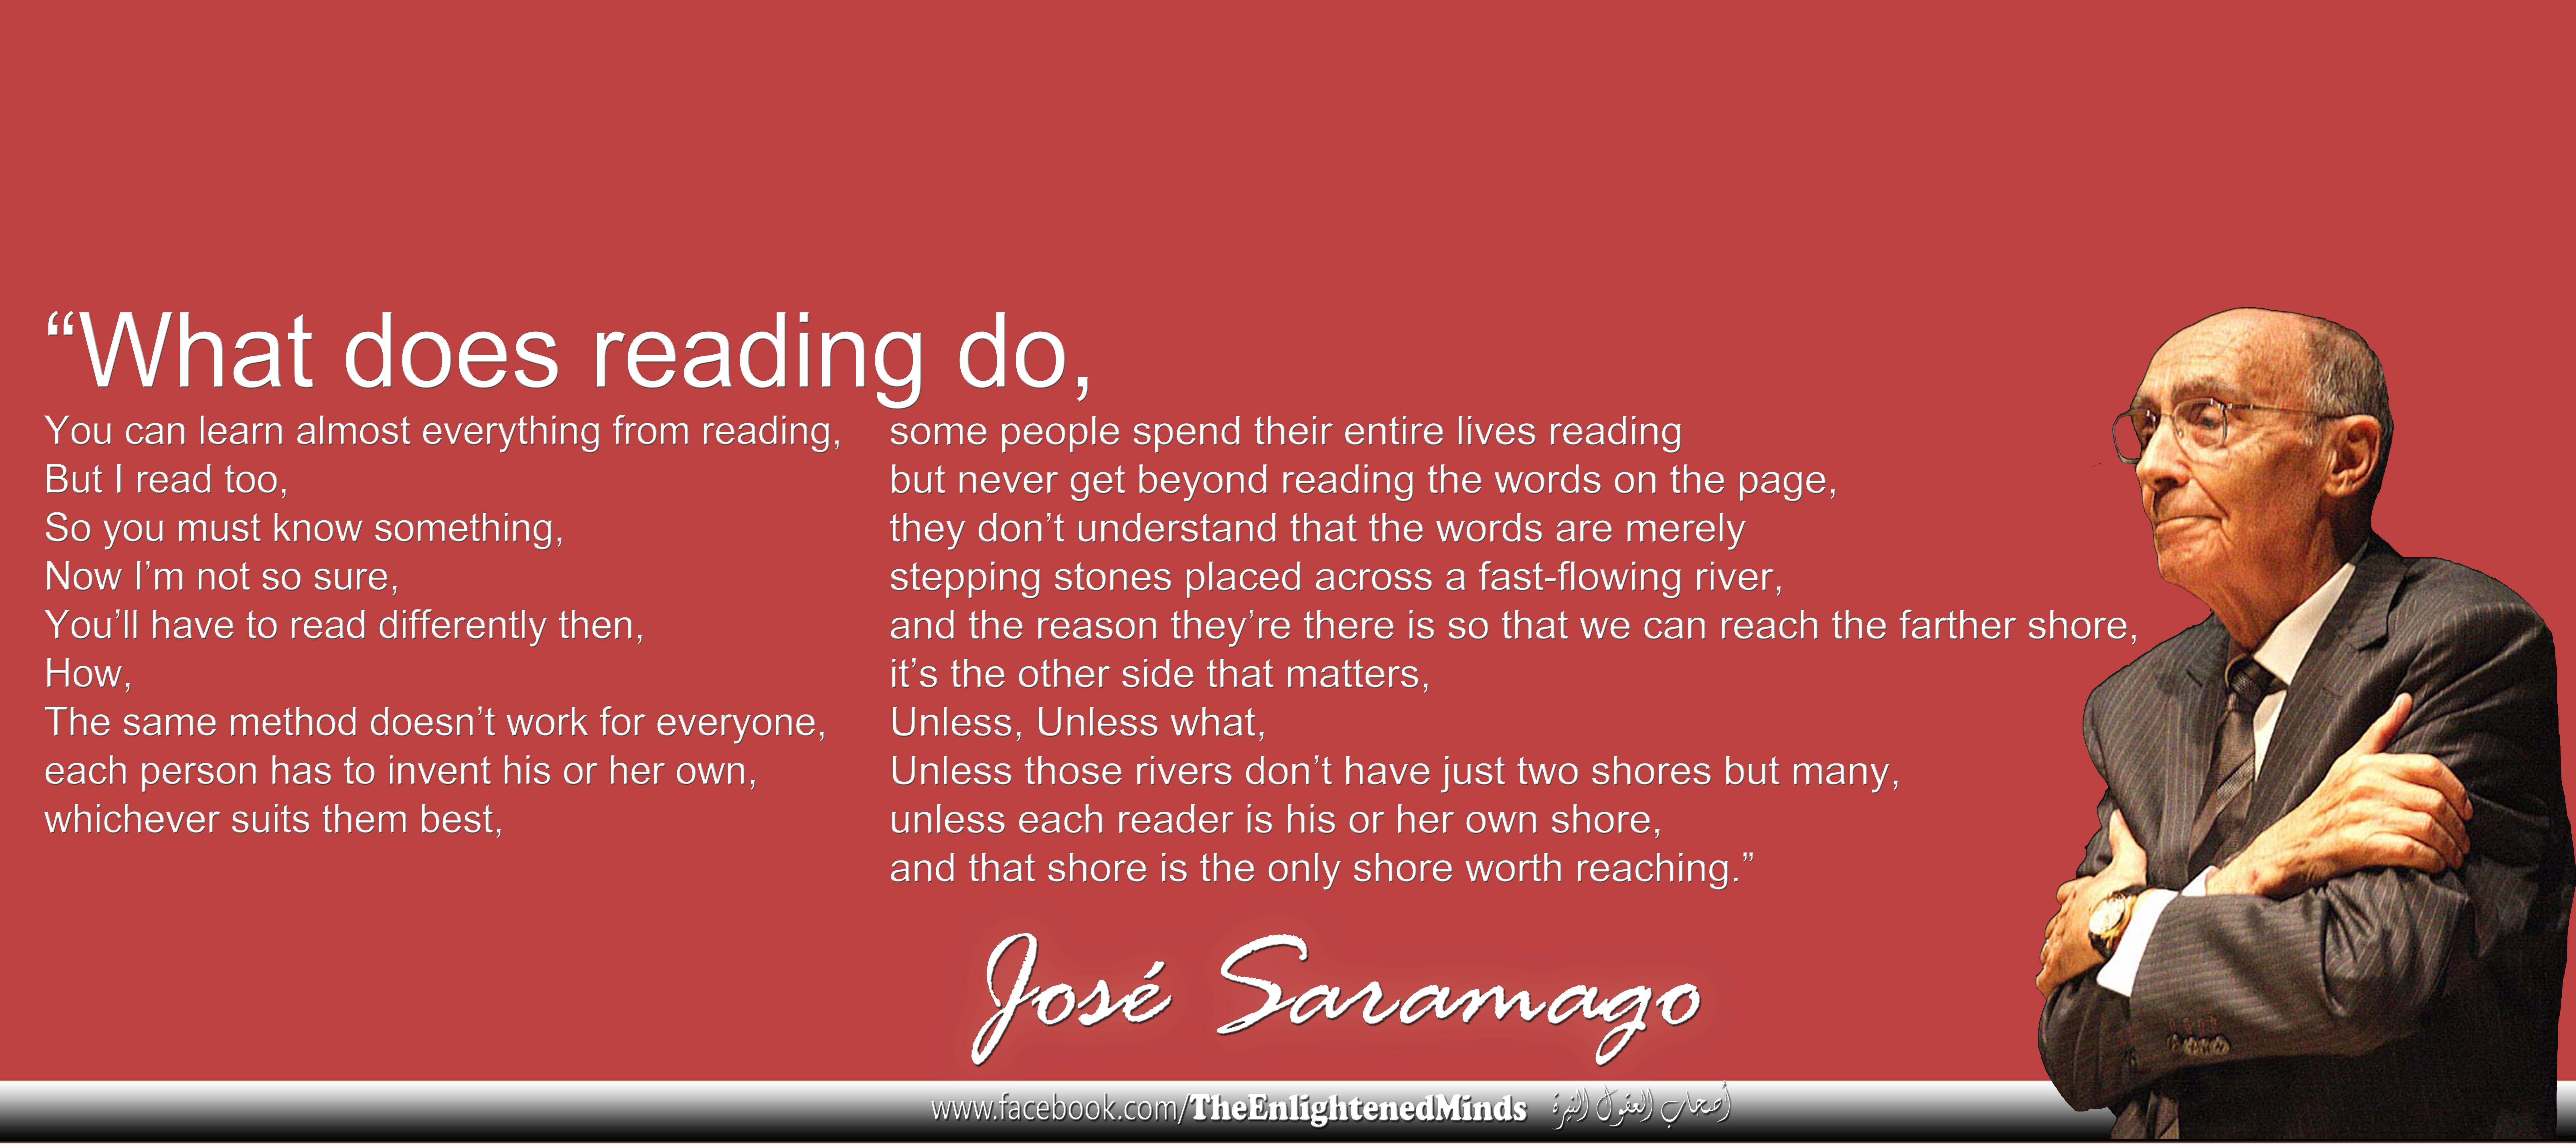 Jose Saramago's quote #2